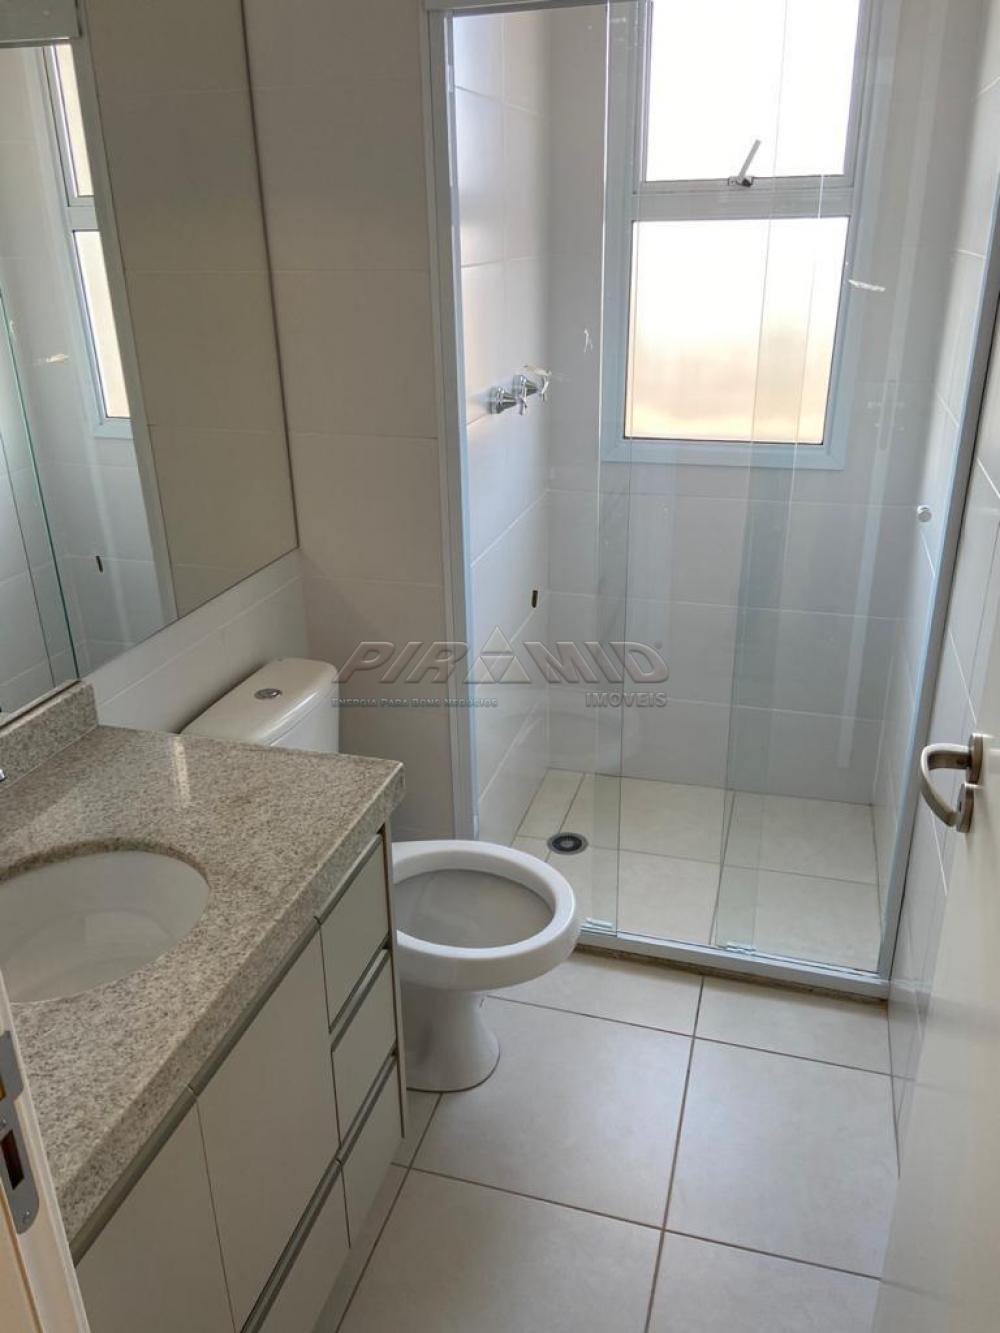 Alugar Apartamento / Padrão em Ribeirão Preto apenas R$ 2.200,00 - Foto 7